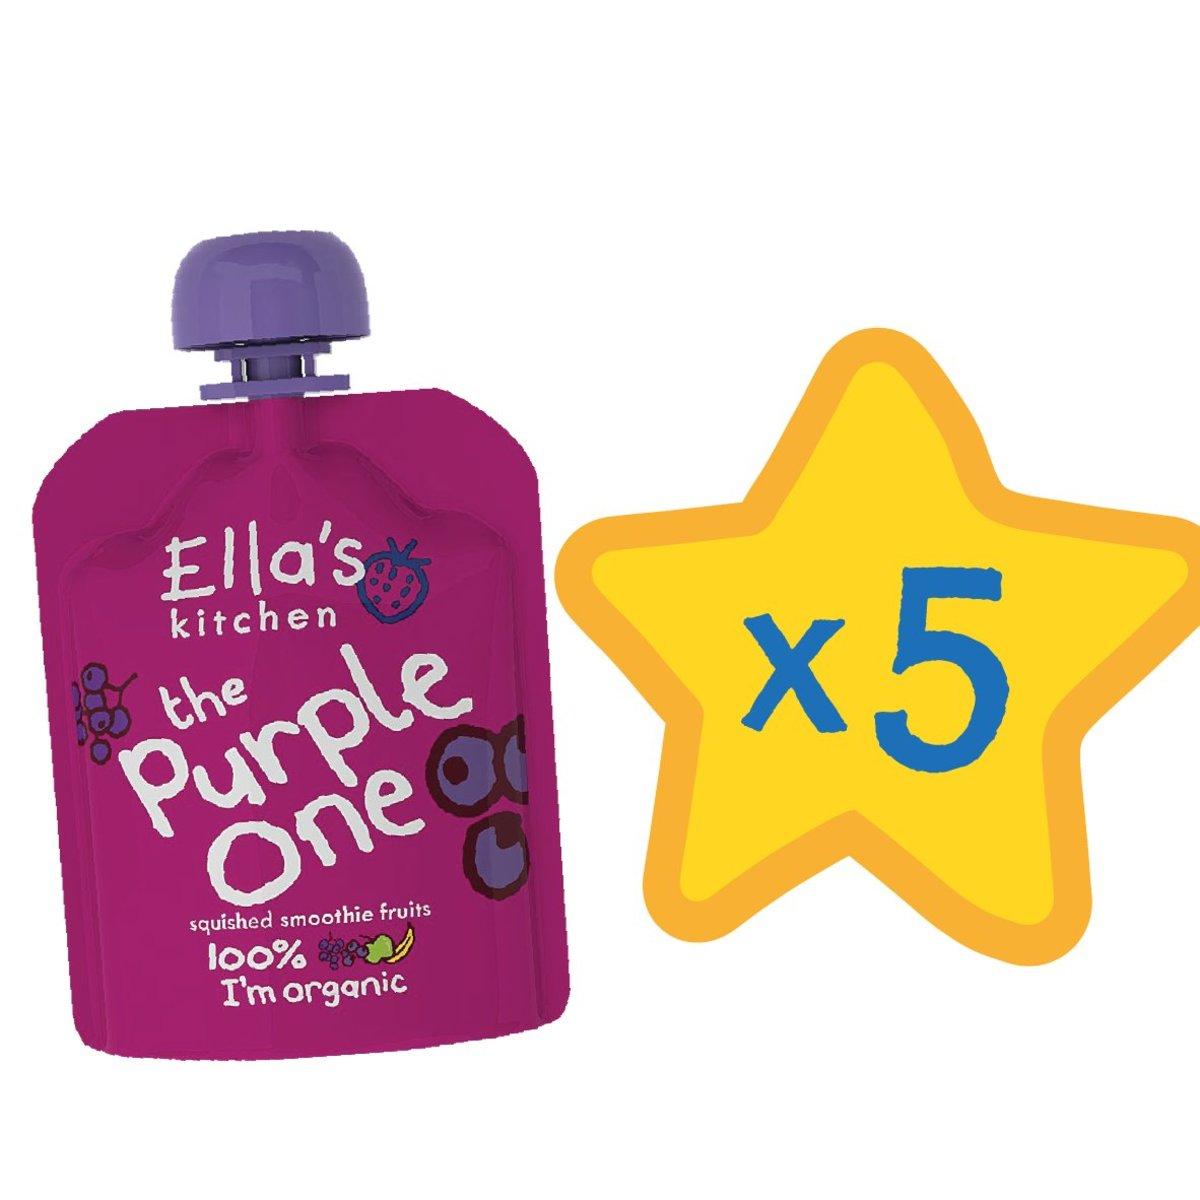 有機紫色雜果蓉多包装 (90g x 5) (有效期至30/10/2020)